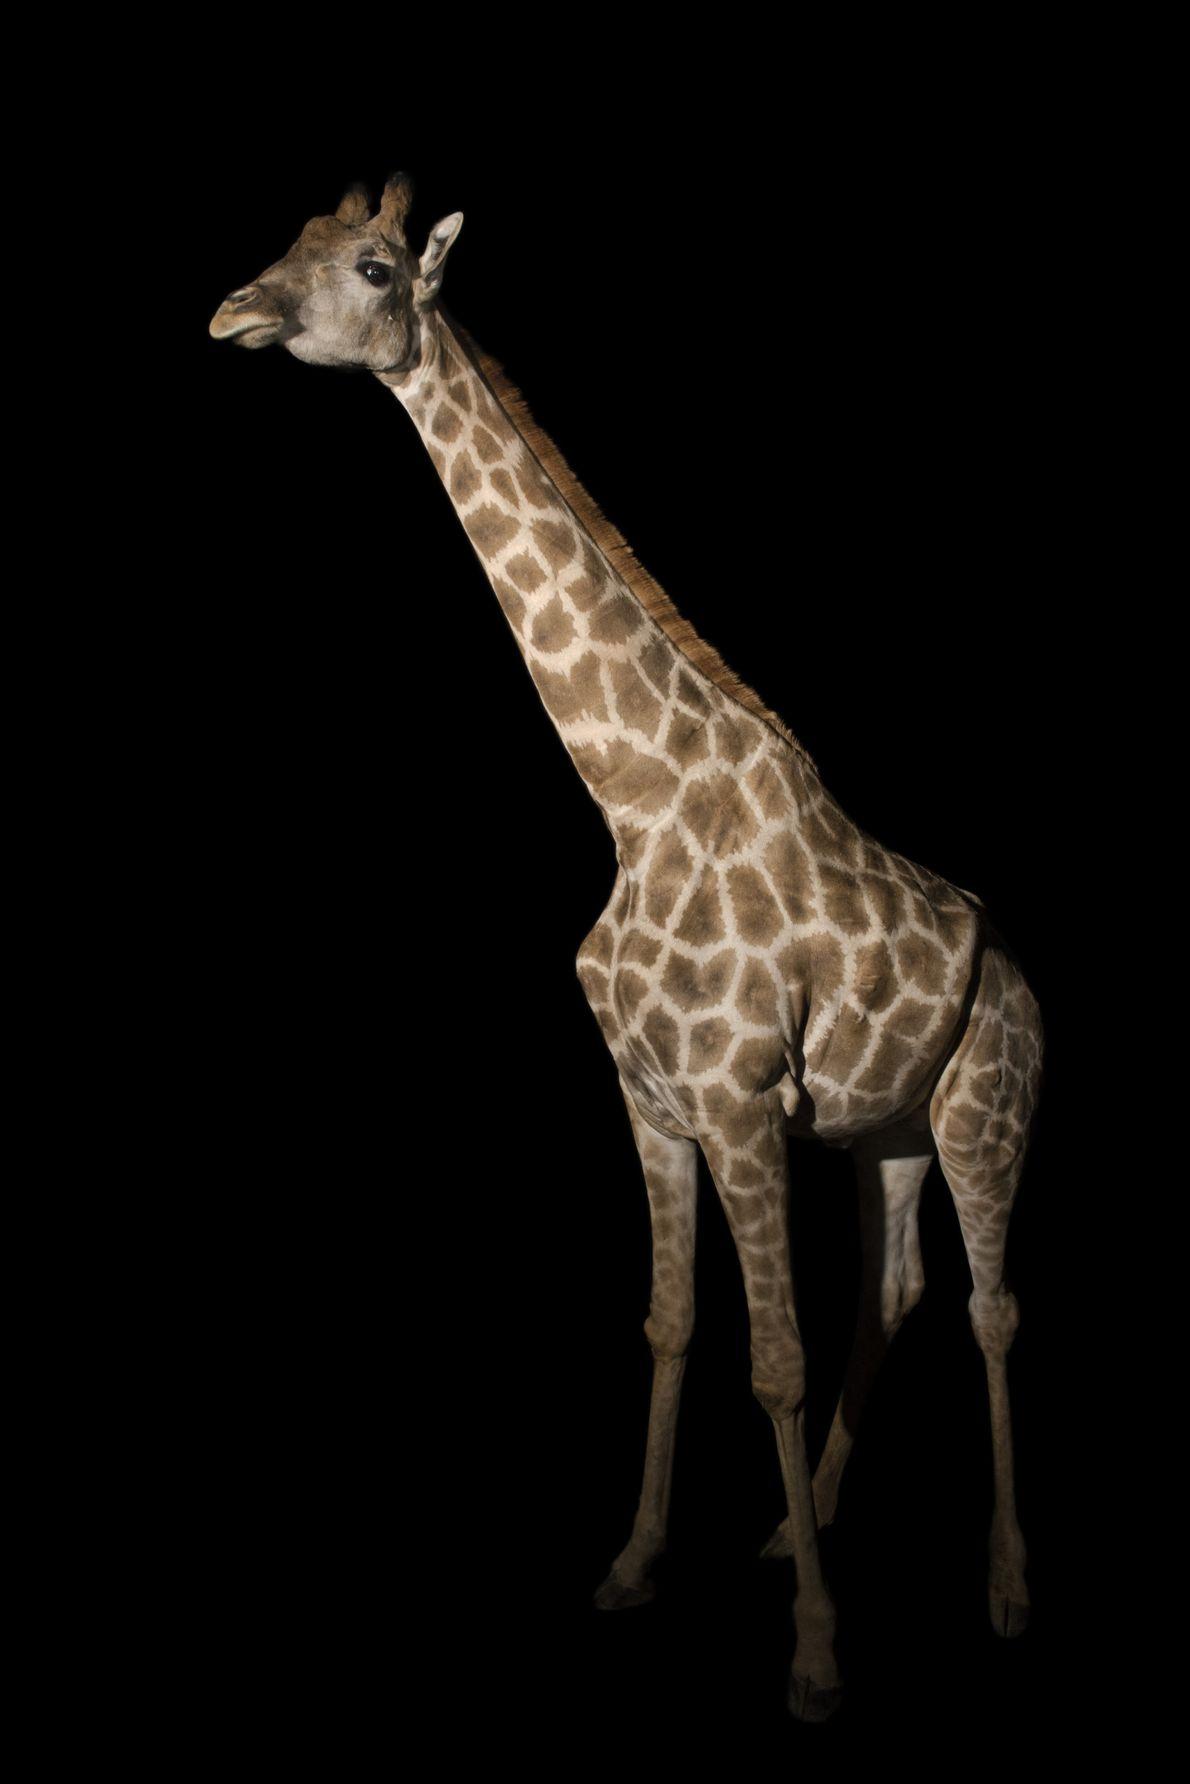 Girafa-de-angola entra para o Photo Ark